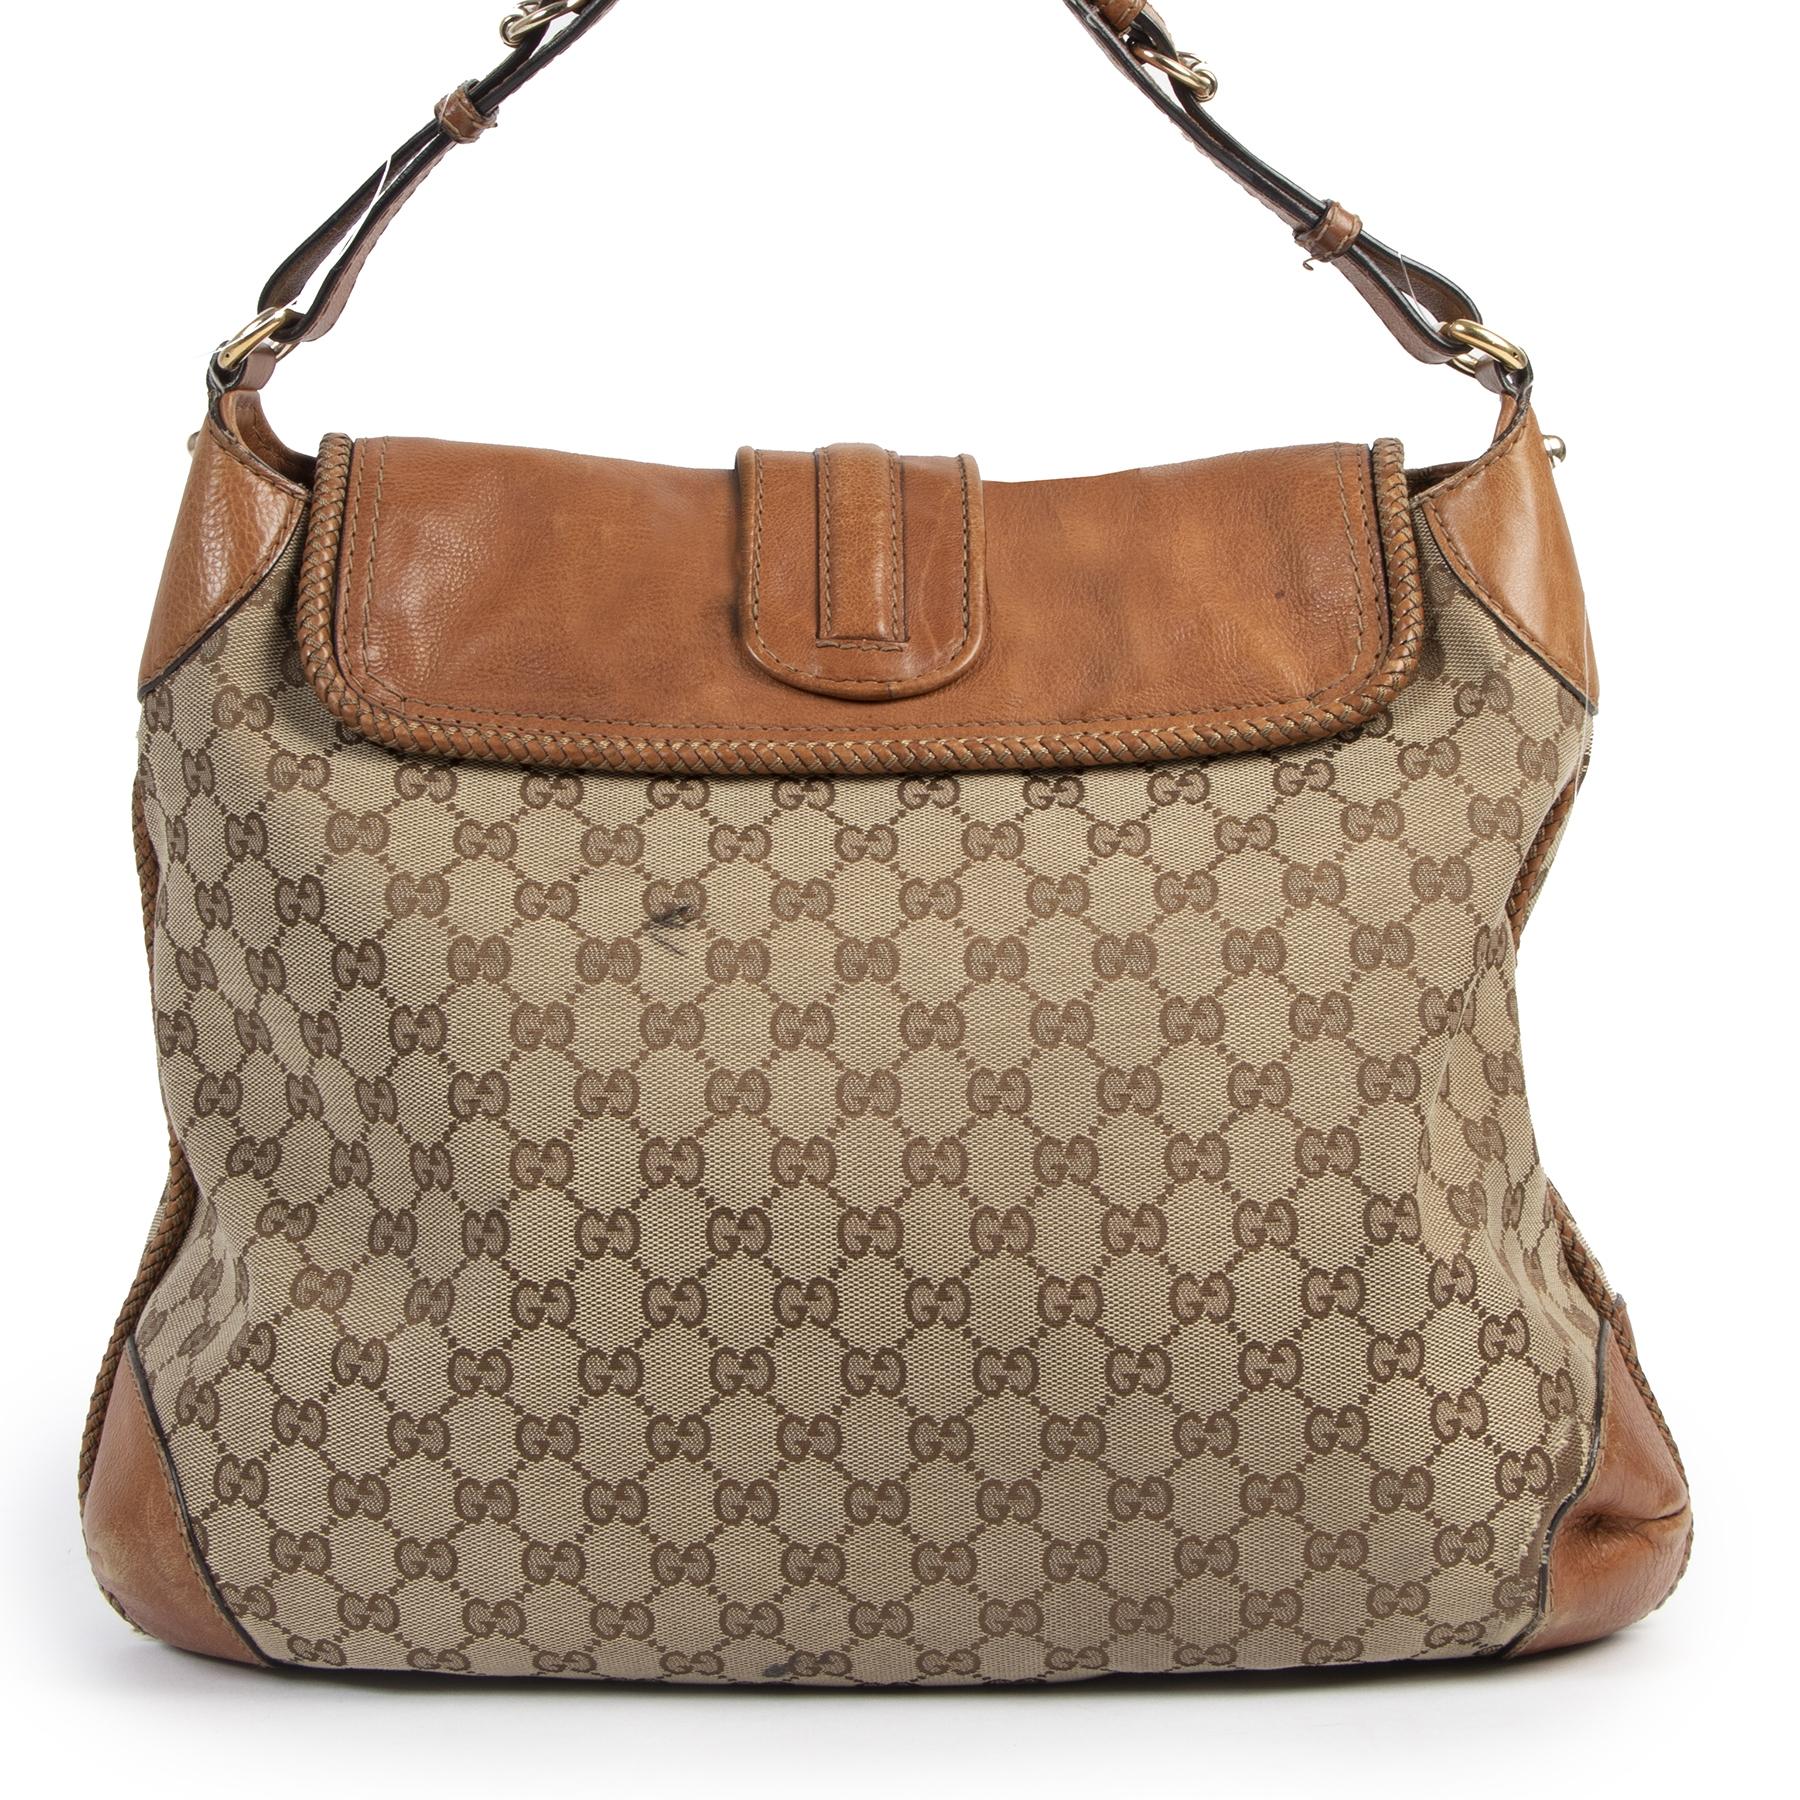 Authentieke Tweedehands Gucci Monogram Canvas Marrakech Bag juiste prijs veilig online shoppen luxe merken webshop winkelen Antwerpen België mode fashion